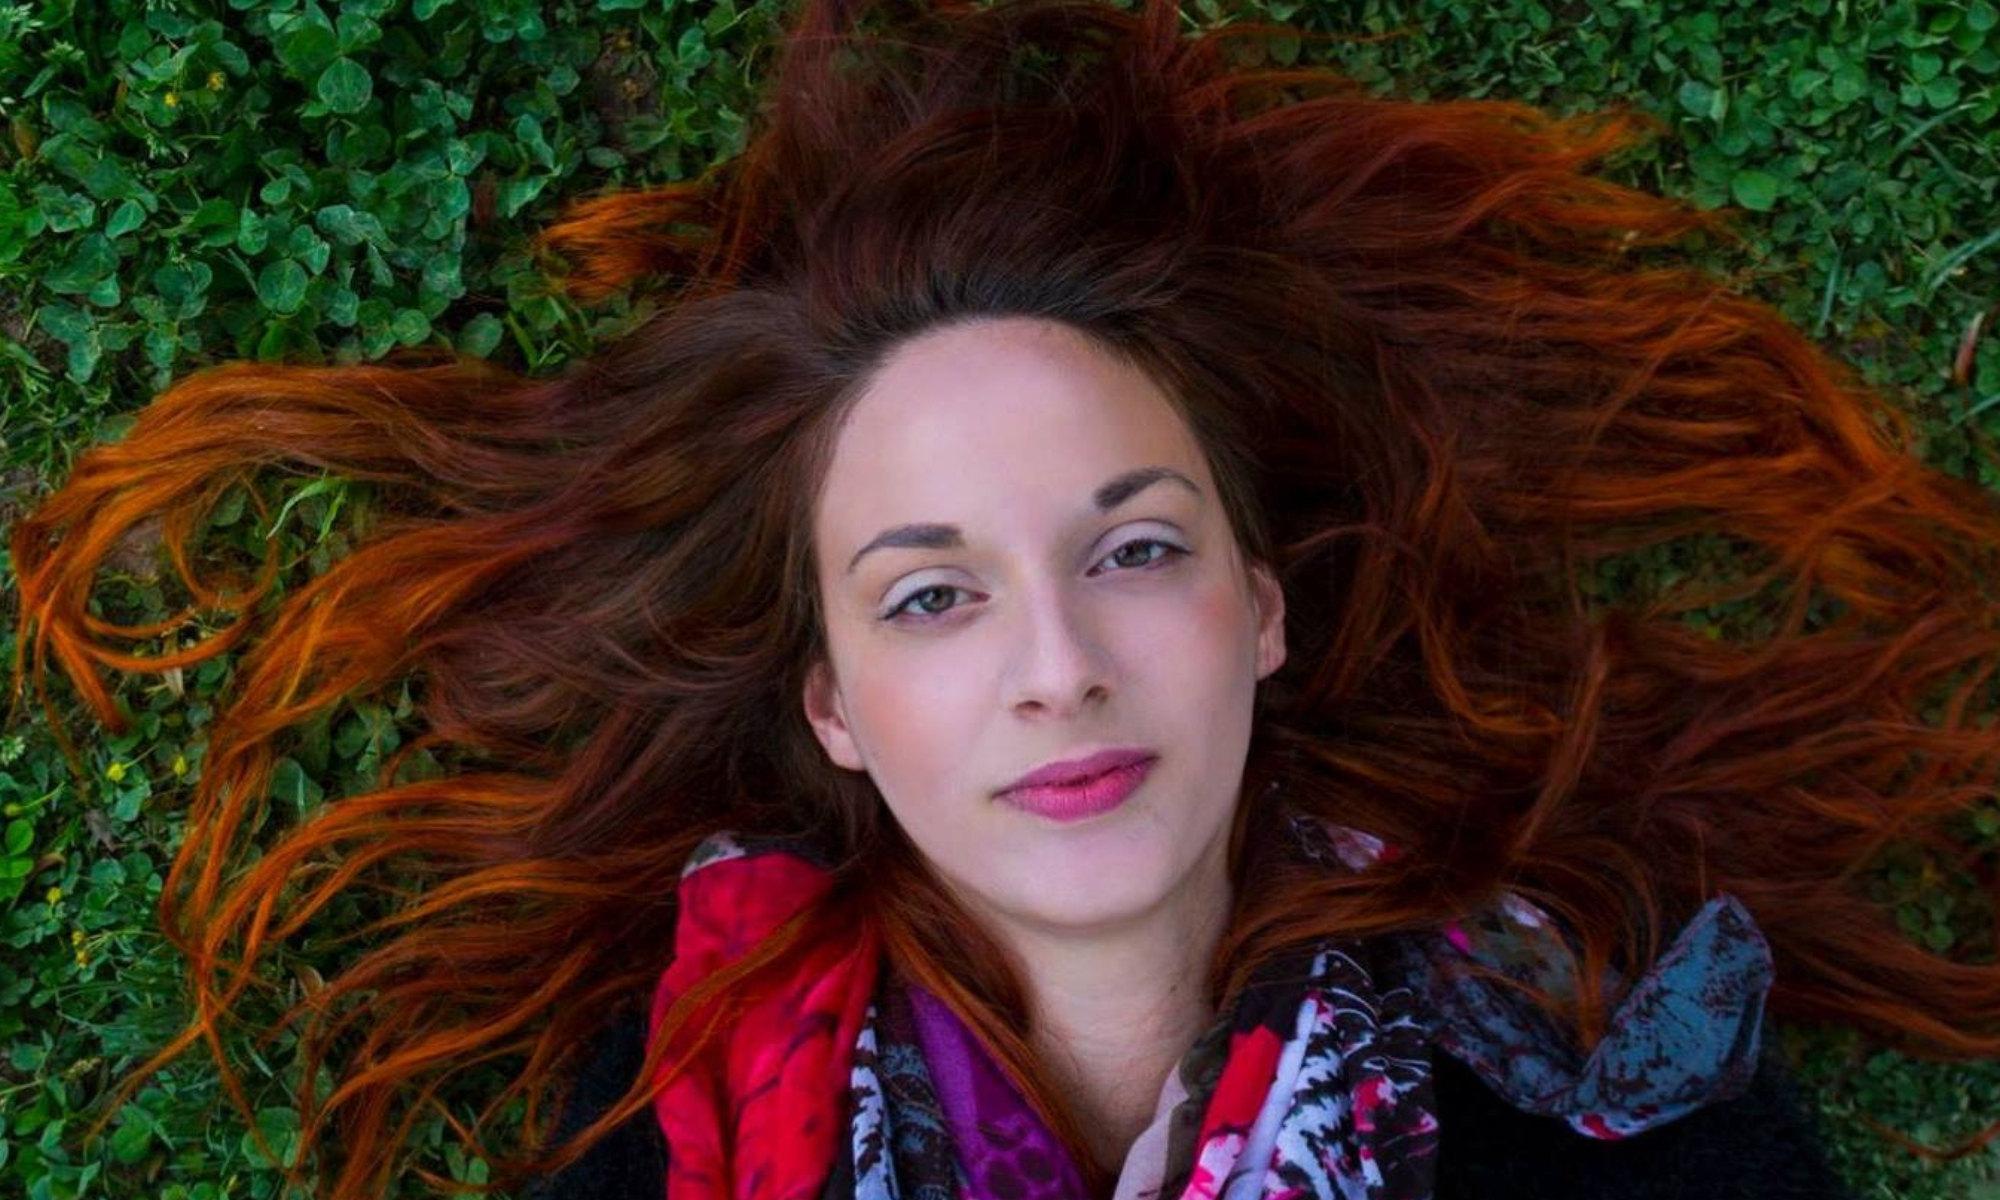 Francesca Ciacciarelli - Scrittrice. Leggo e scrivo e interpreto per squarciare il velo confortante ma involutivo delle illusioni, per liberare da quel che non serve e solo appesantisce, per irradiare amore nella sua forma più pura.